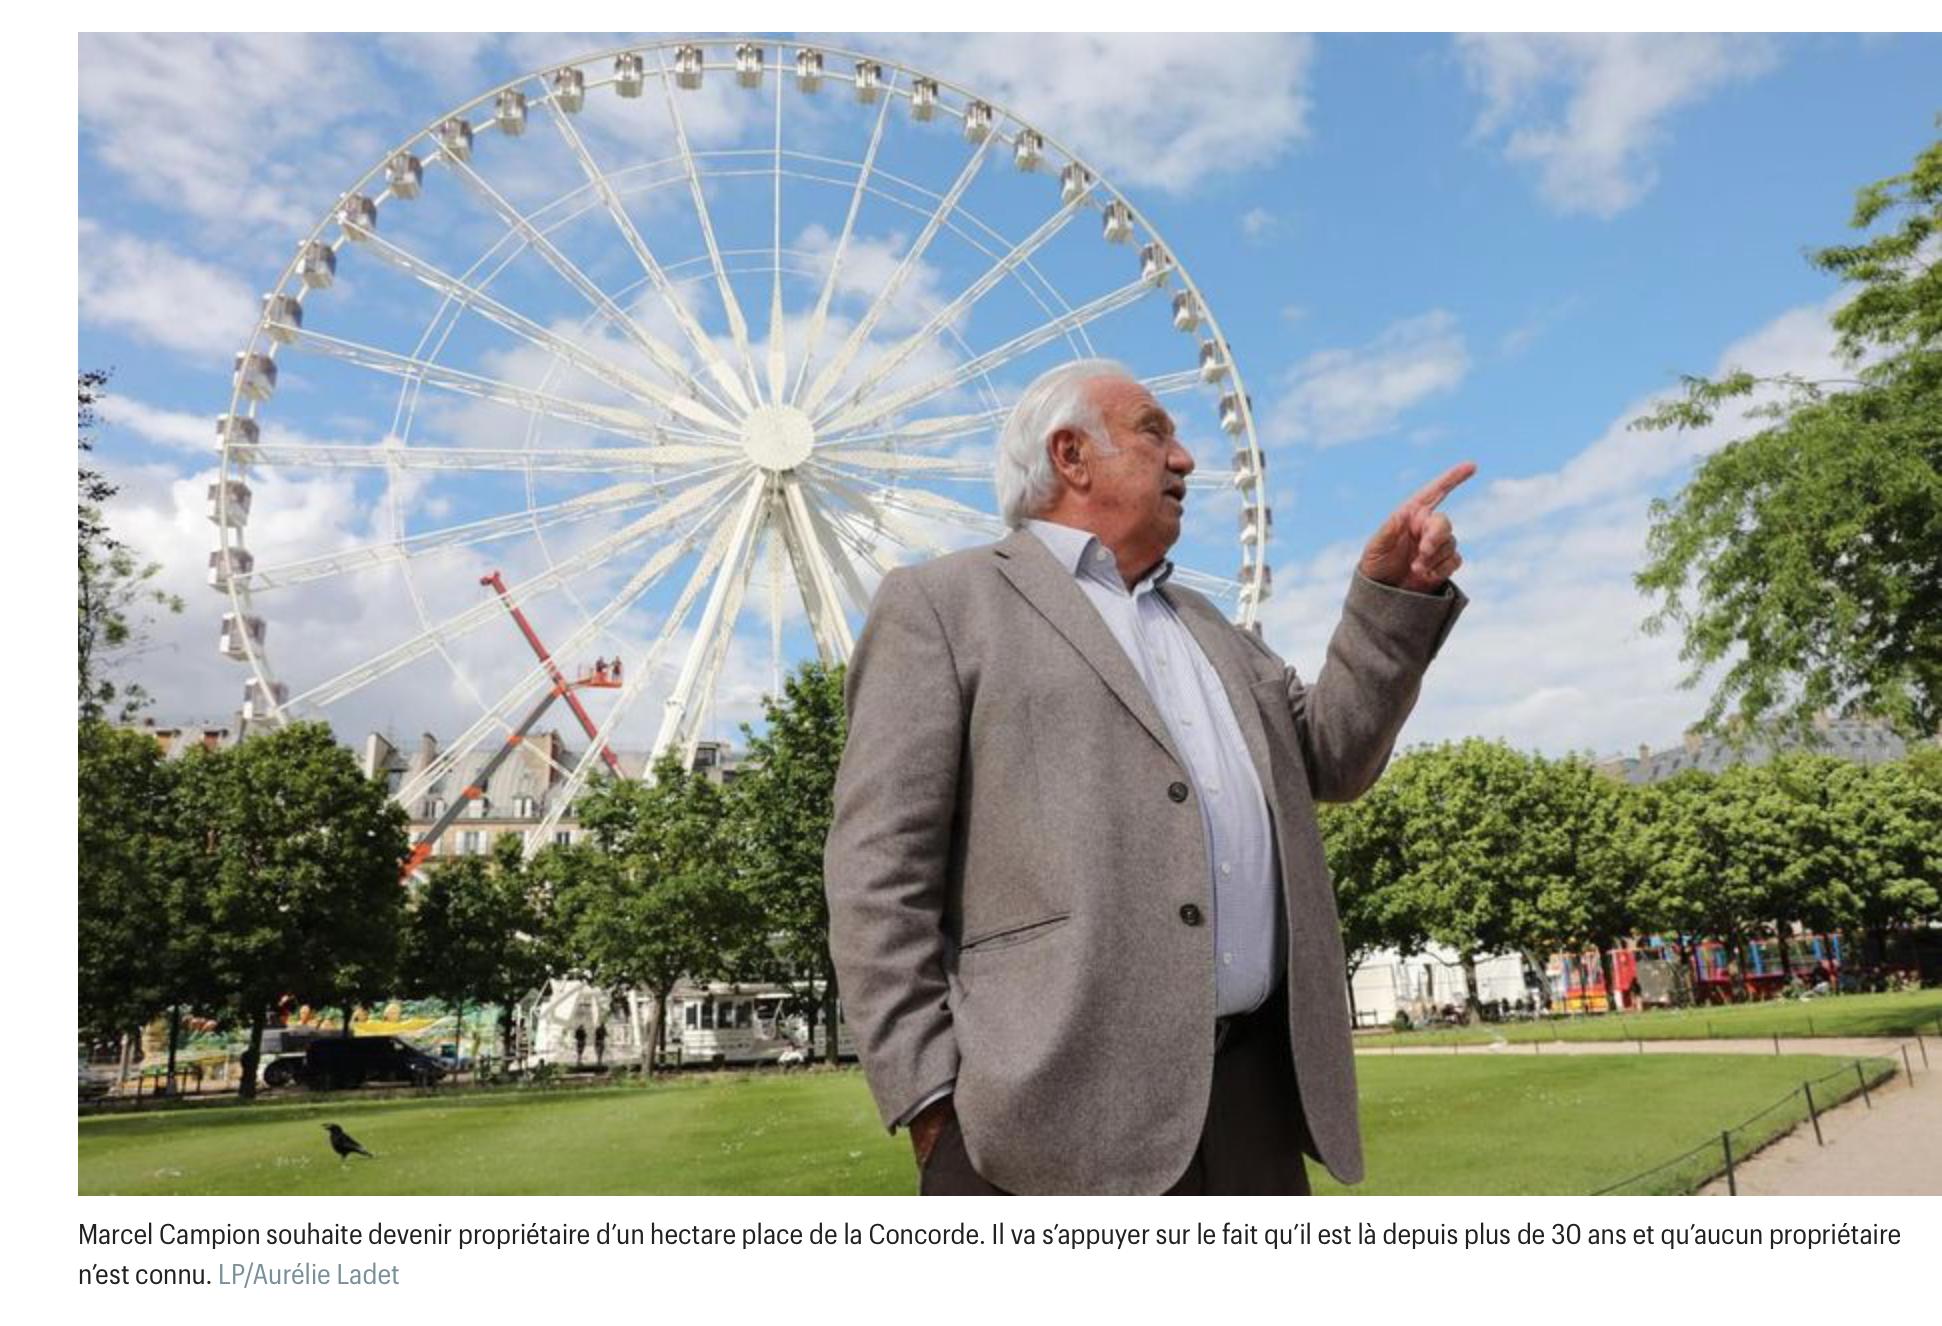 Le roi des forains Marcel Campion bientôt propriétaire d'un hectare place de la Concorde ?